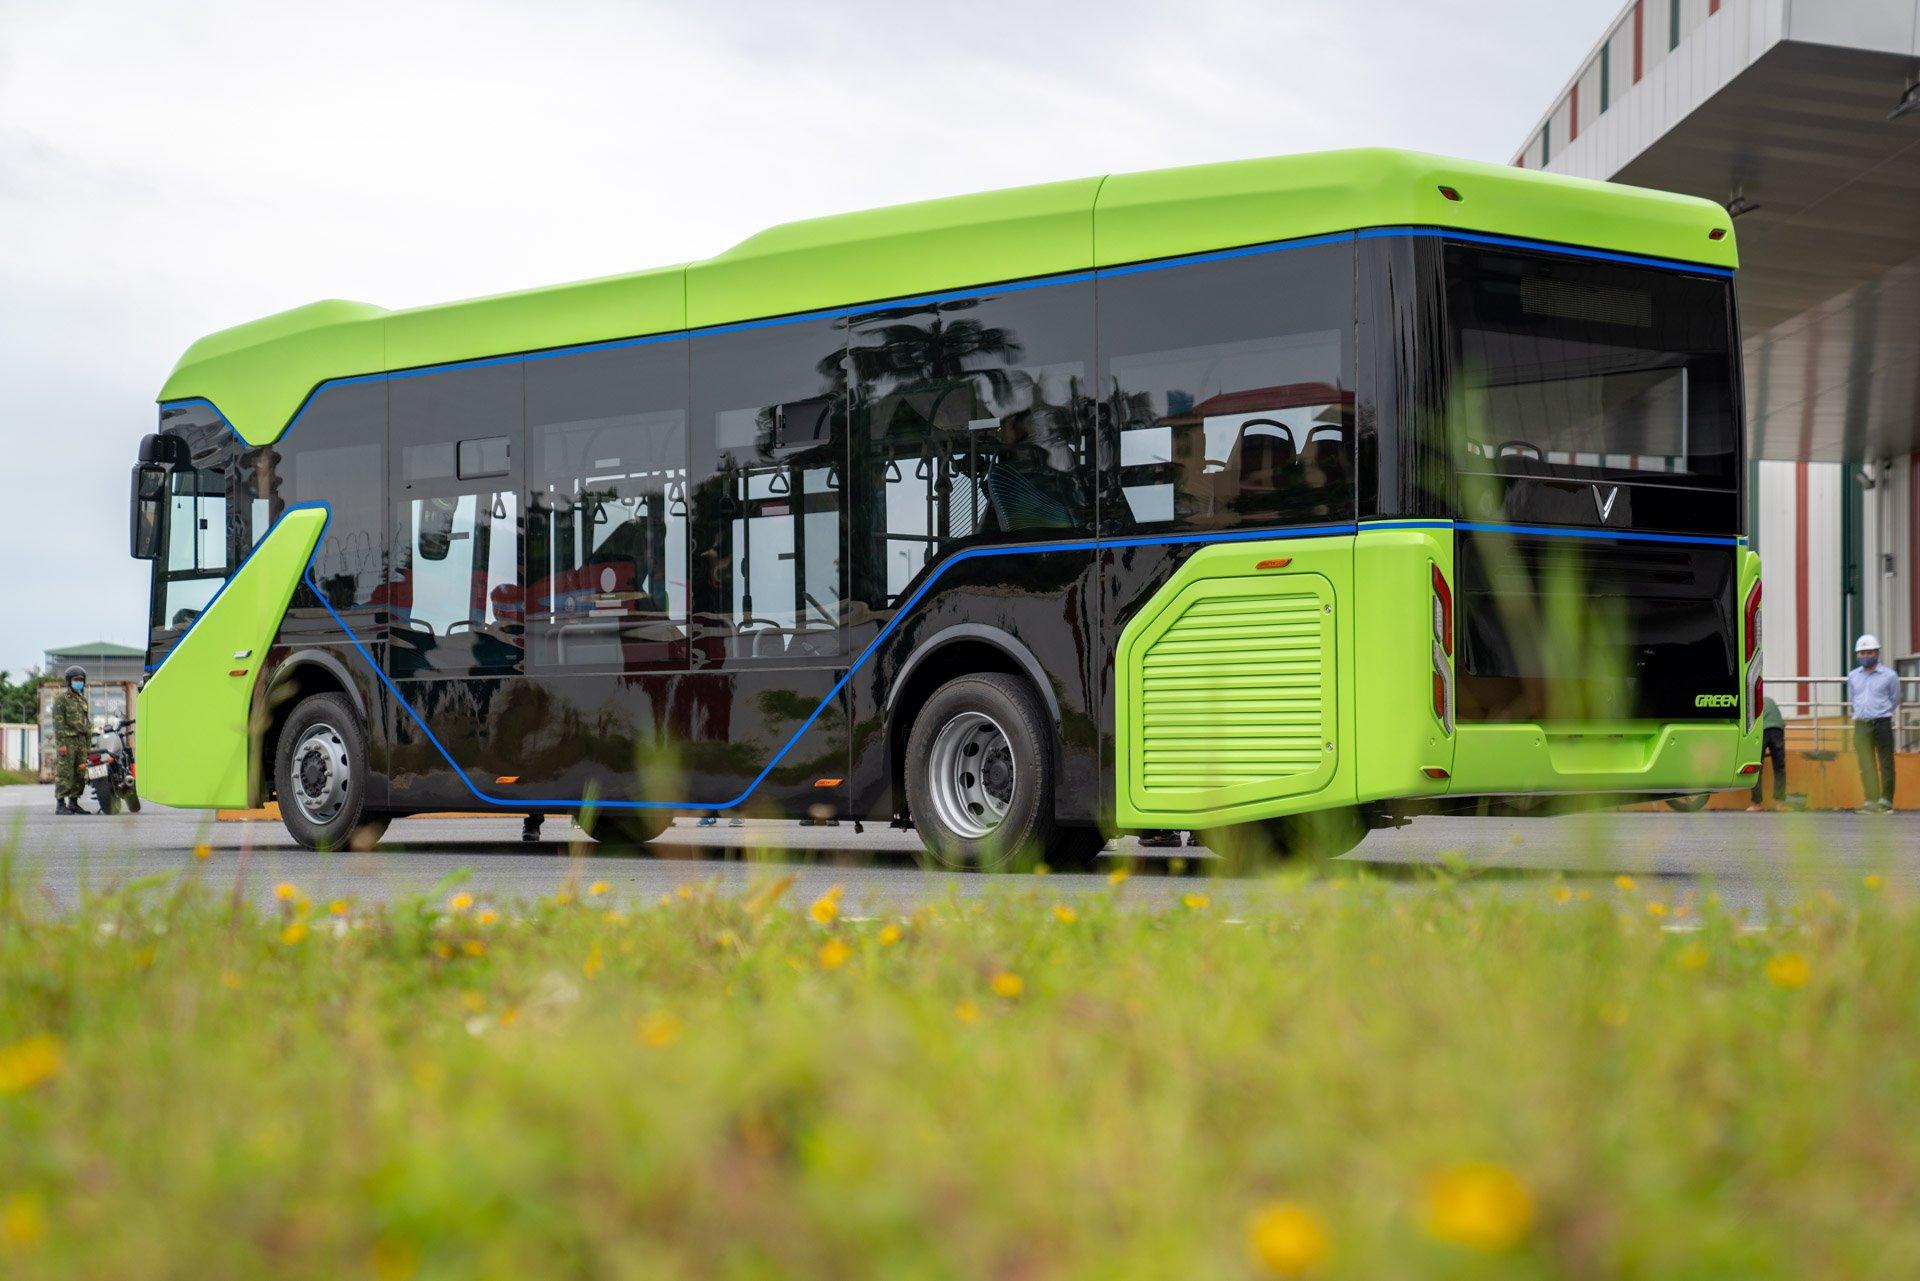 Xe Bus điện của VinFast sắp hoạt động tại Hà Nội, nhà ga chính sắp hoàn thiện Vingroup chính thức chạy thử nghiệm xe buýt điện VinFast xe-bus-vinfast-05.jpg